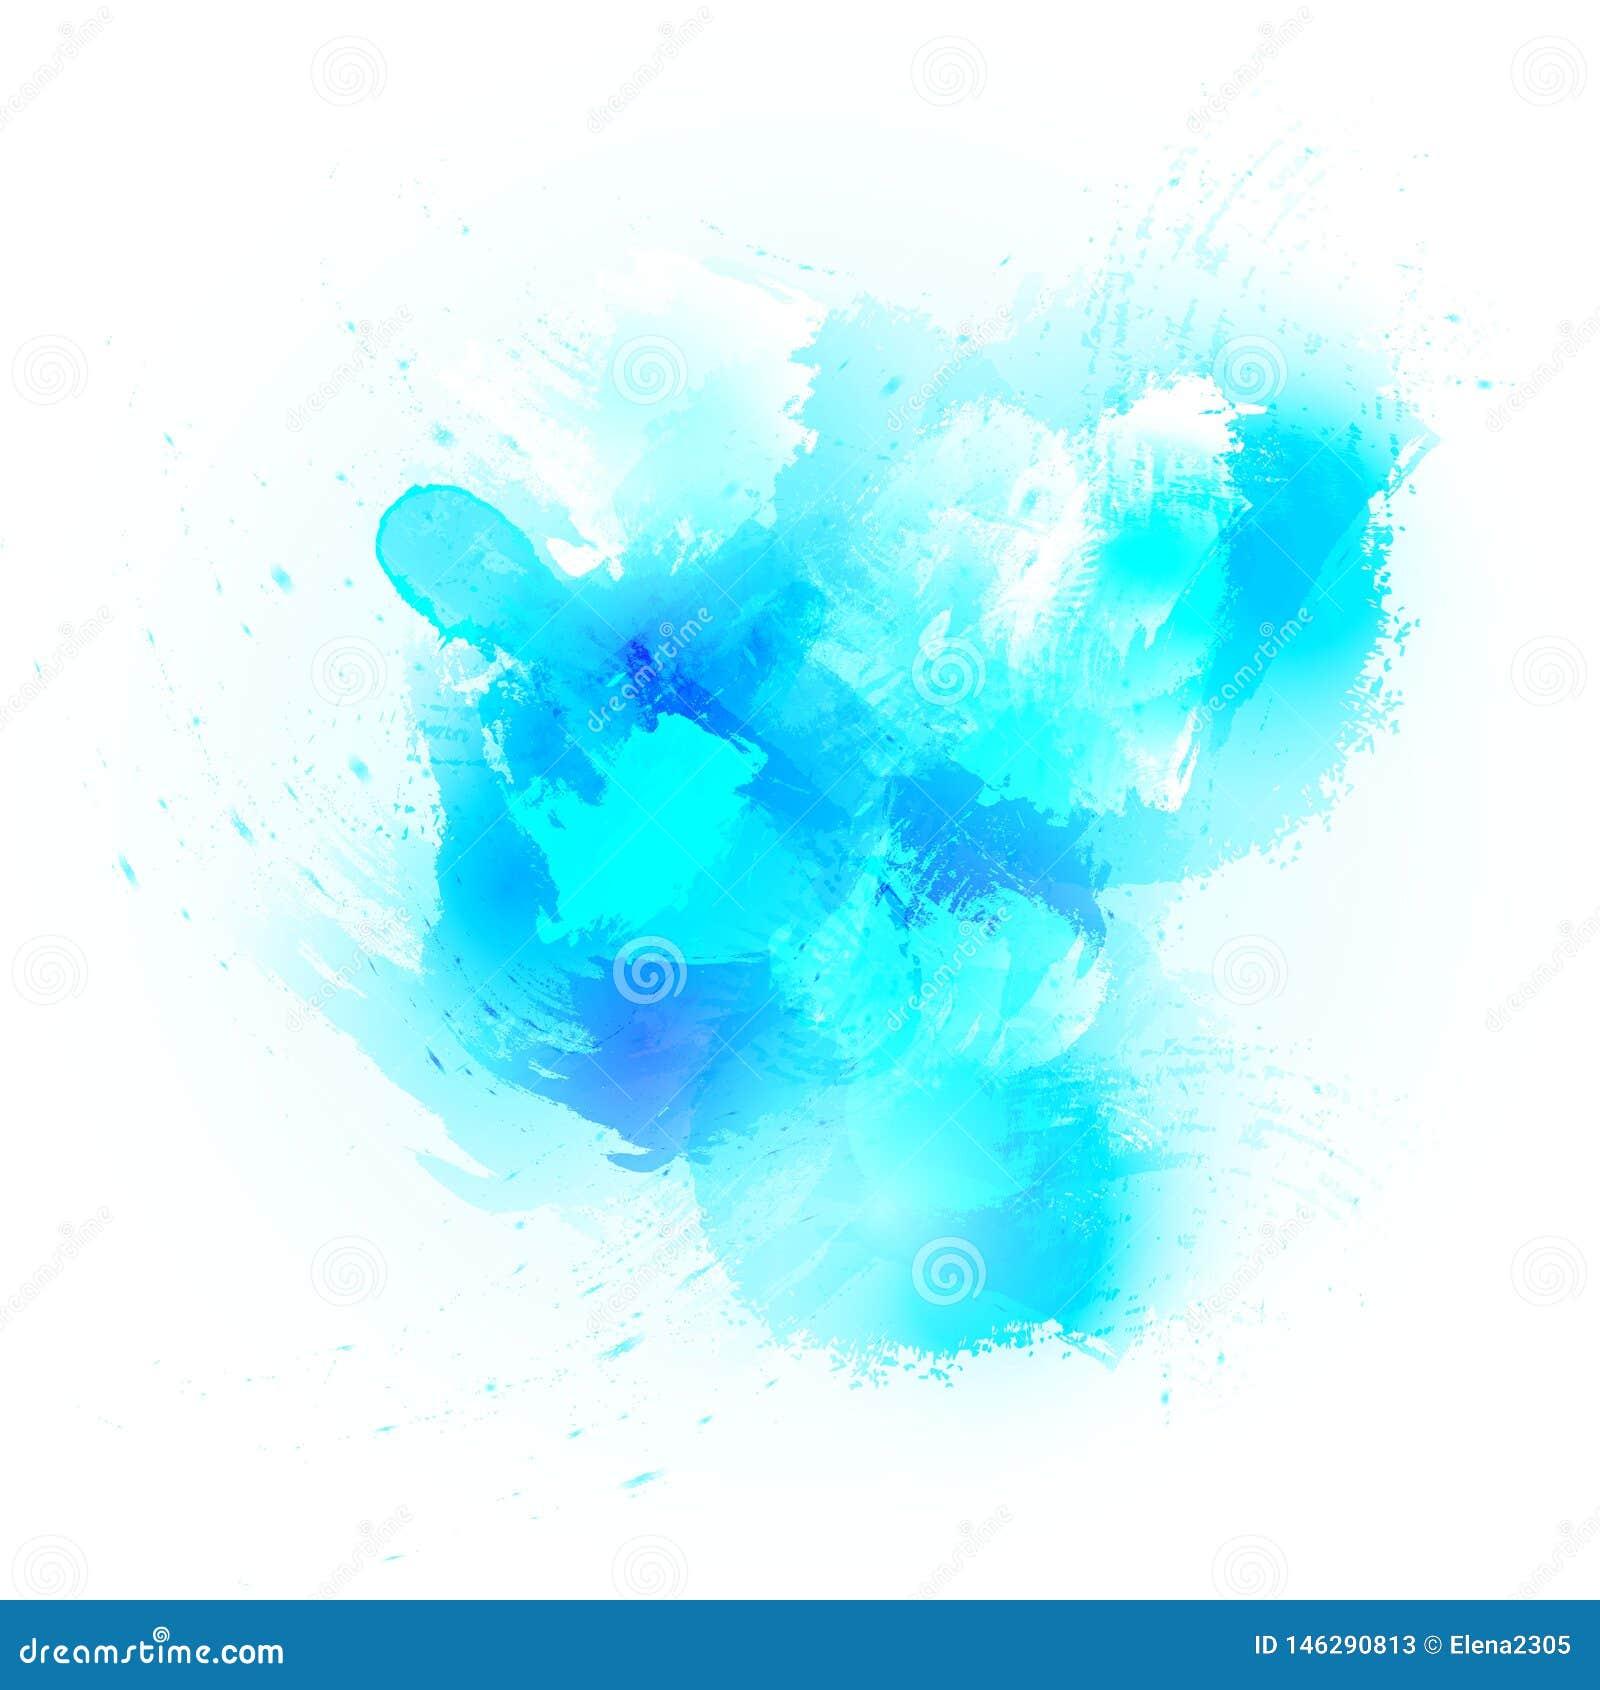 Fondo abstracto del chapoteo de la acuarela elemento del diseño en los colores azules para la bandera del título, del logotipo y